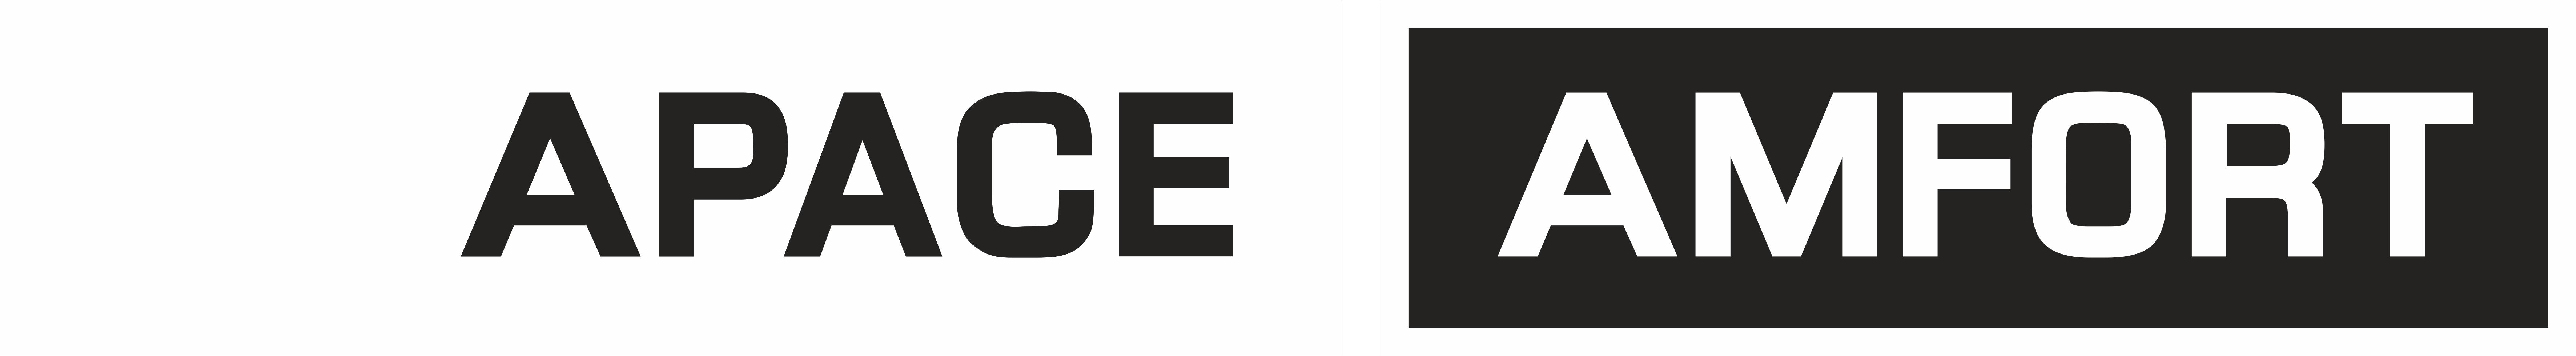 Apace Amfort Logo